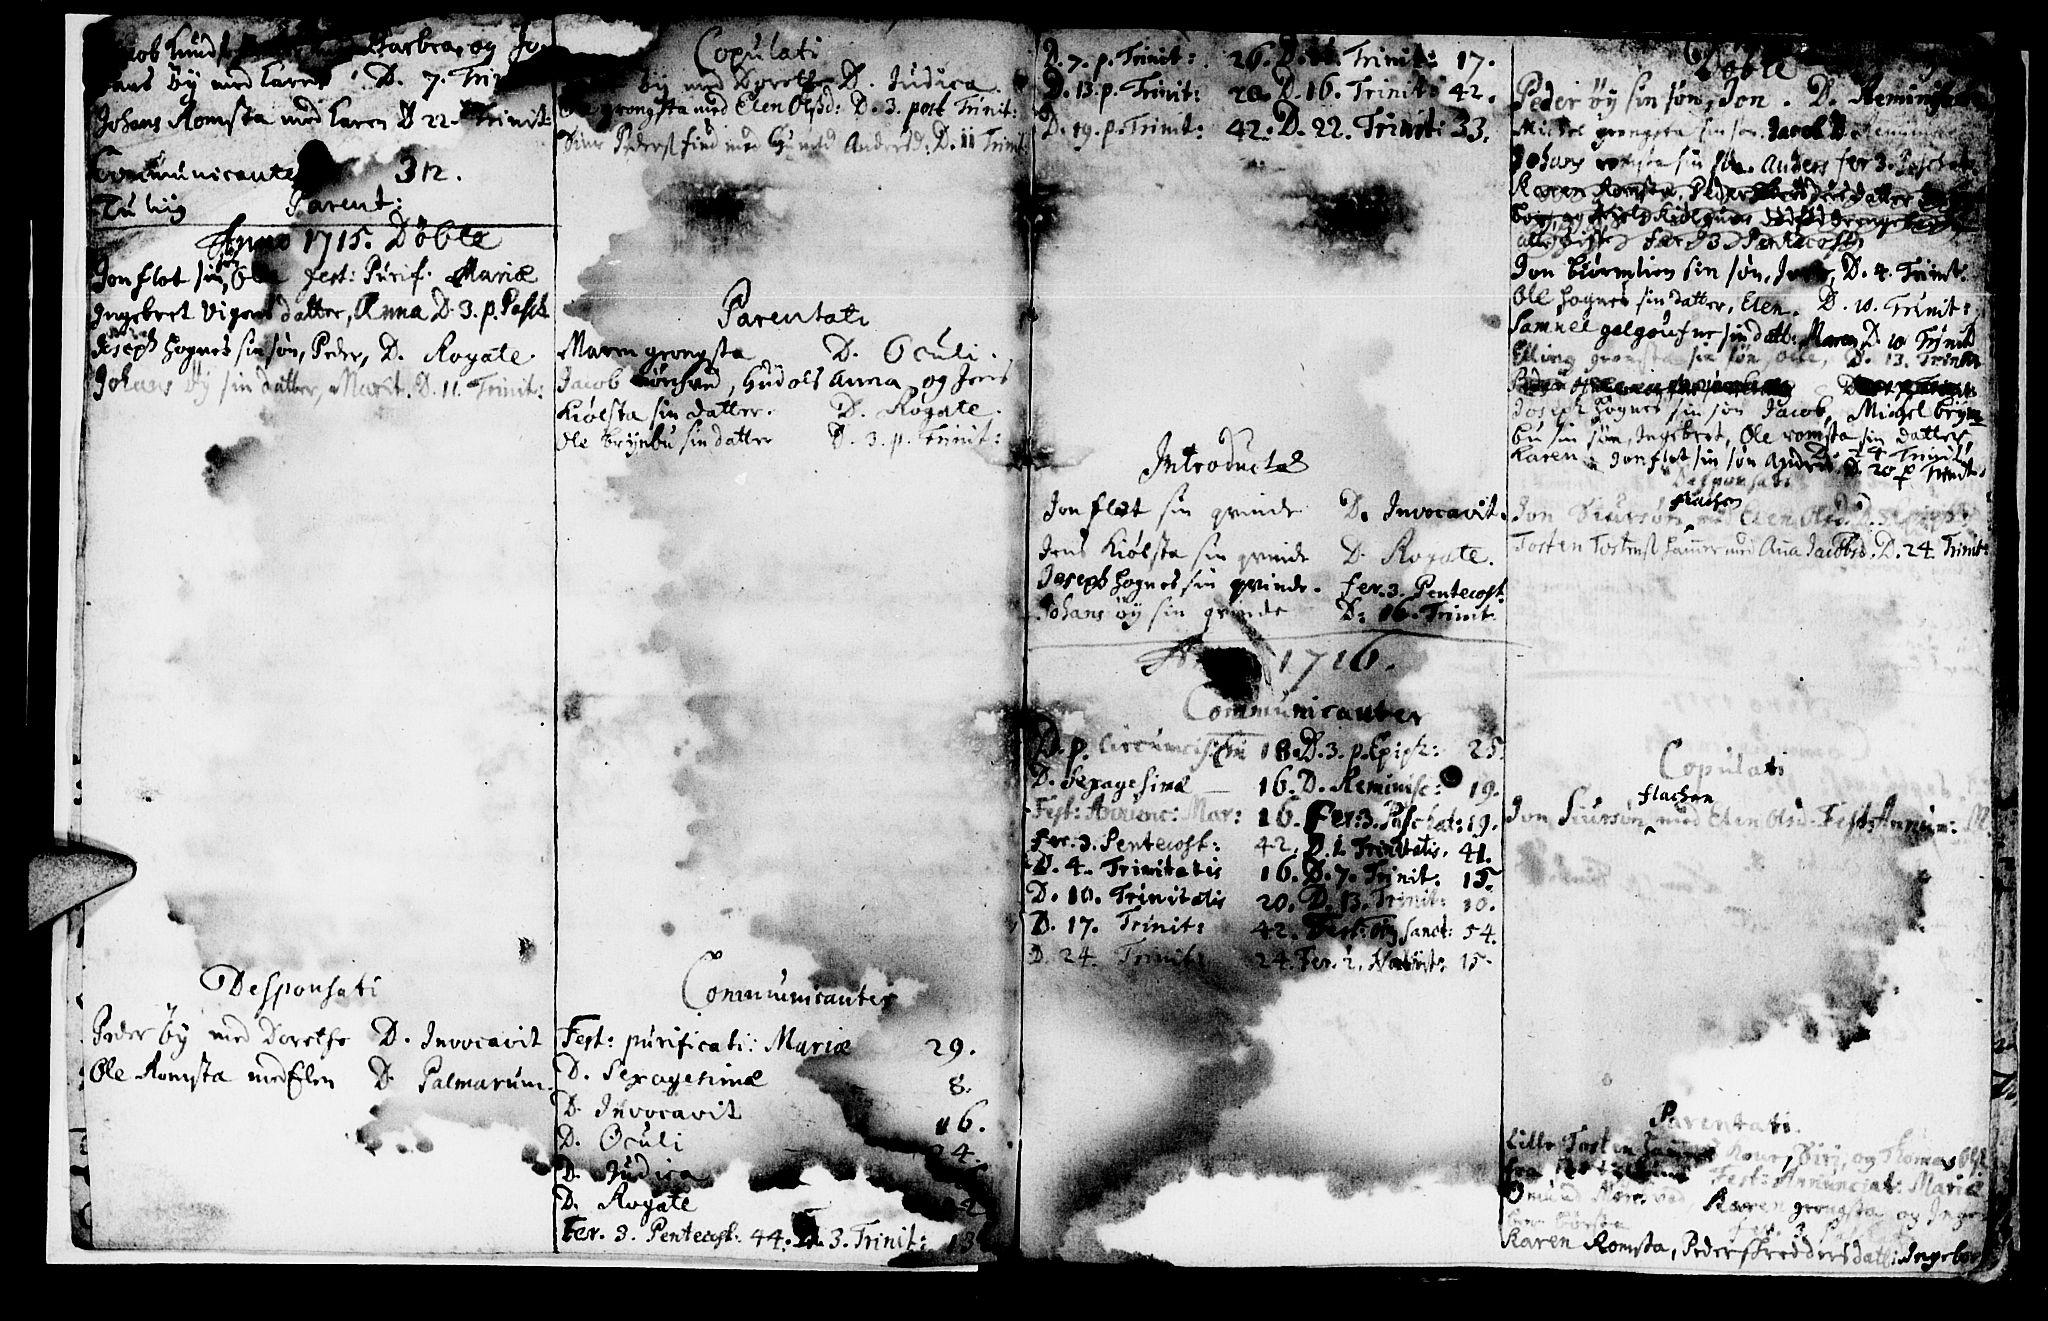 SAT, Ministerialprotokoller, klokkerbøker og fødselsregistre - Nord-Trøndelag, 765/L0560: Ministerialbok nr. 765A01, 1706-1748, s. 3